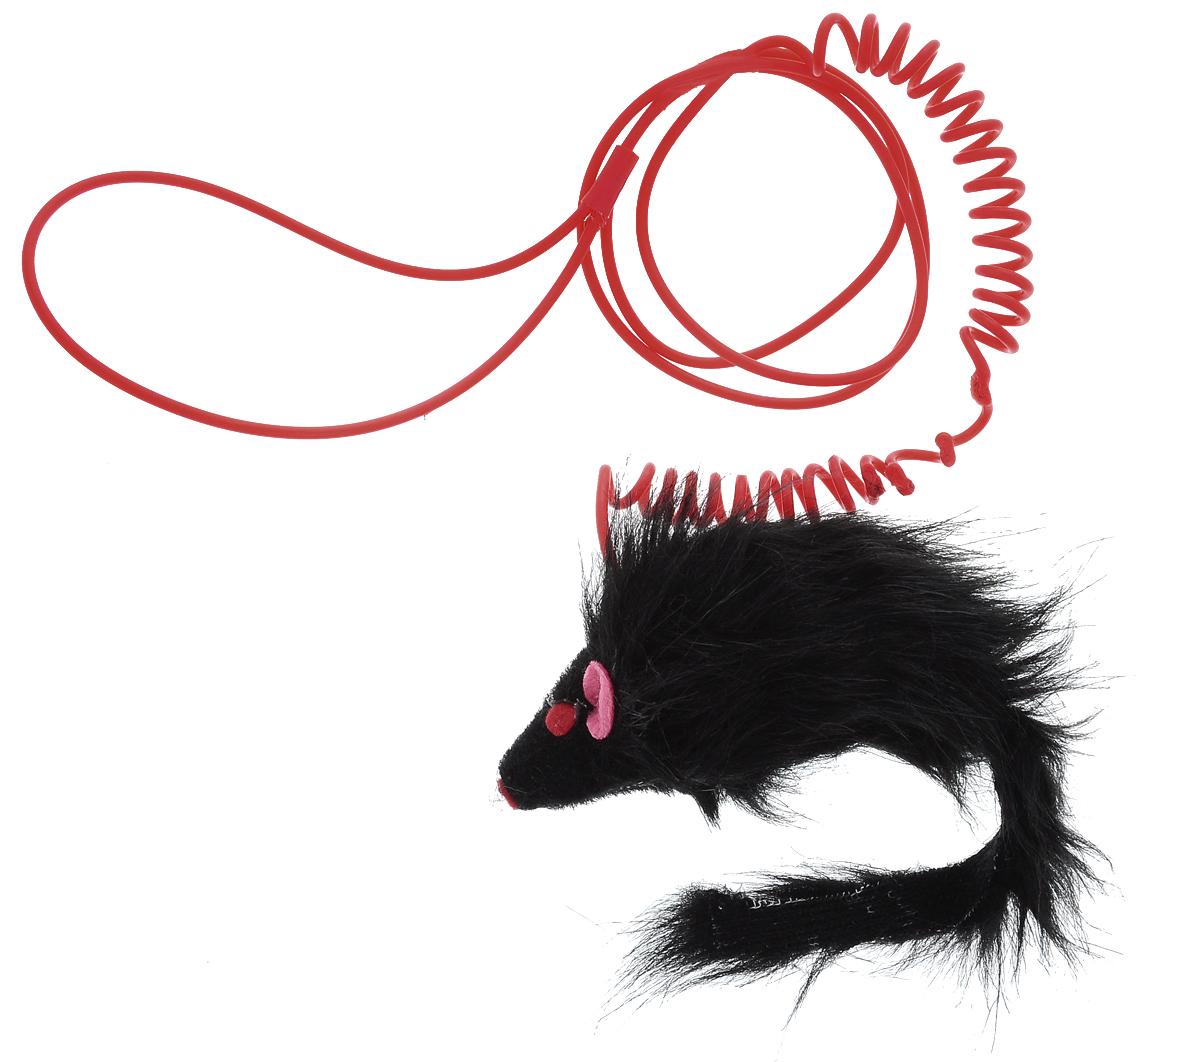 Игрушка для кошек Каскад Мышь, на пружине, цвет: черный, длина 9 см27754640Игрушка для кошек Каскад Мышь изготовлена из искусственного меха, фетра и пластика. Играя с этой забавной игрушкой, маленькие котята развиваются физически, а взрослые кошки и коты поддерживают свой мышечный тонус. Изделие выполнено в виде мыши. Эта интересная и очень необычная игрушка станет любимой у вашей кошки, за ней она весело проведет ни один час. Также игрушка помогает удалить зубной камень и улучшить здоровье зубов. Размер игрушки: 9 х 3,5 х 5 см.